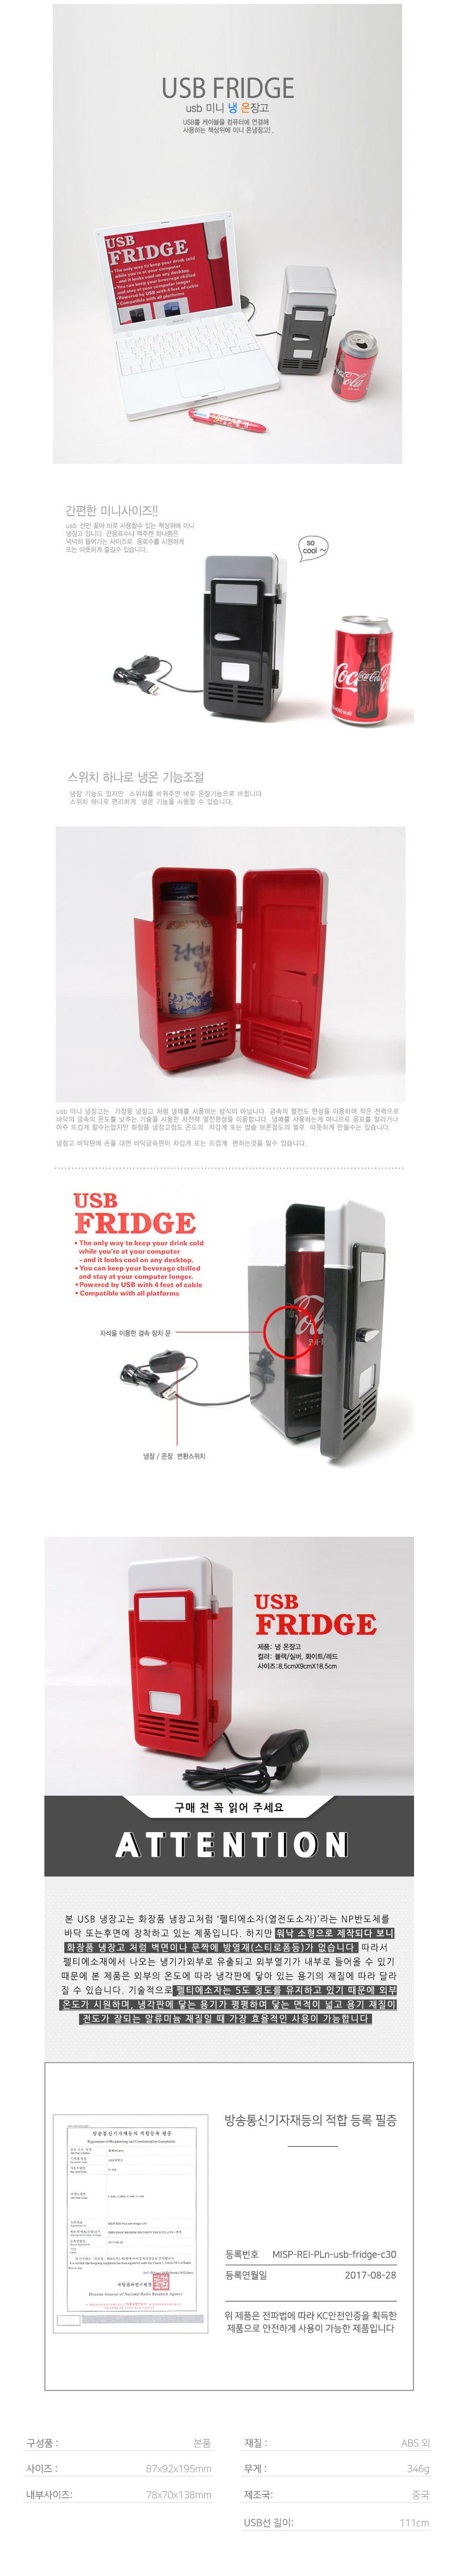 usb 미니 냉장고 n 온장고 - 디자인에버, 28,000원, 아이디어 상품, 아이디어 상품